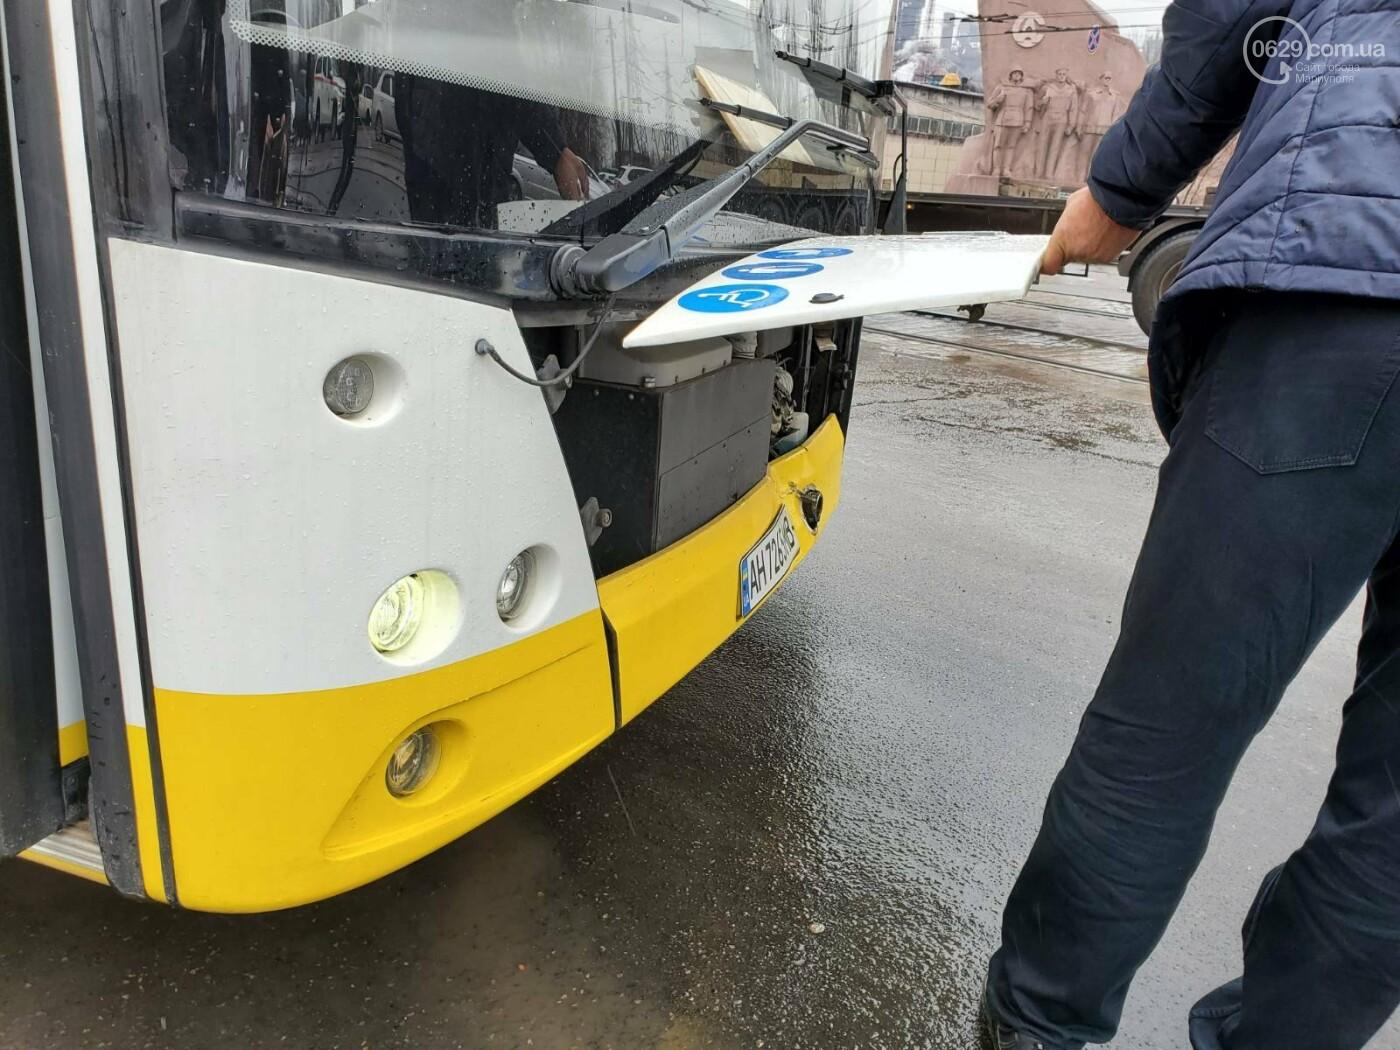 В Мариуполе у грузовика оторвалось колесо, покатилось по дороге и врезалось в автобус, - ФОТО, фото-4